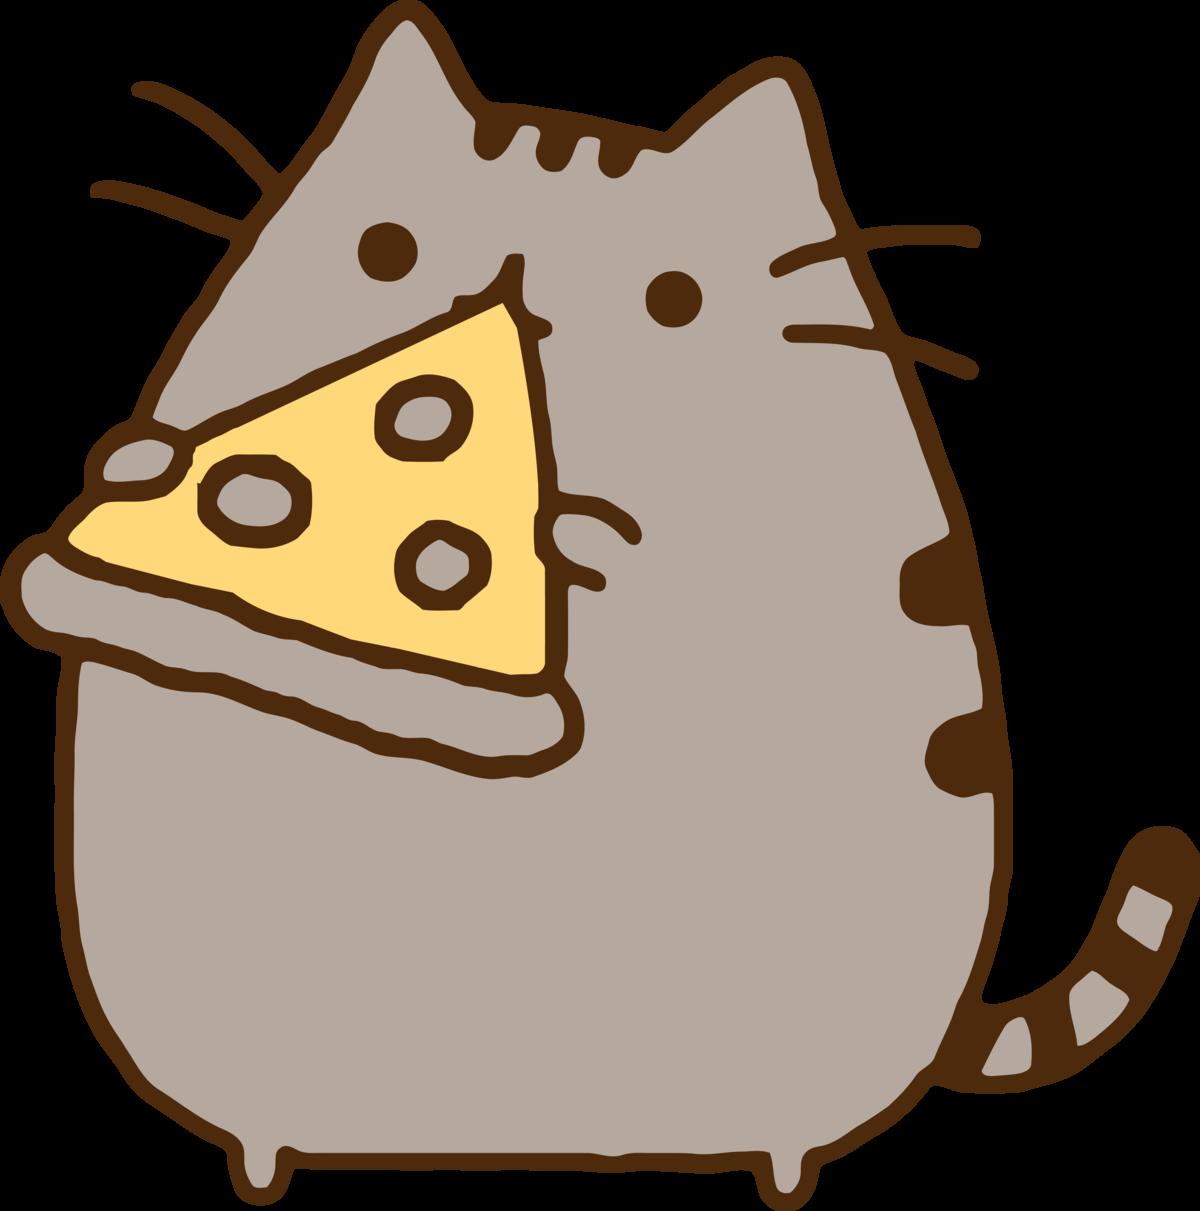 Картинки котиков мультяшных няшных